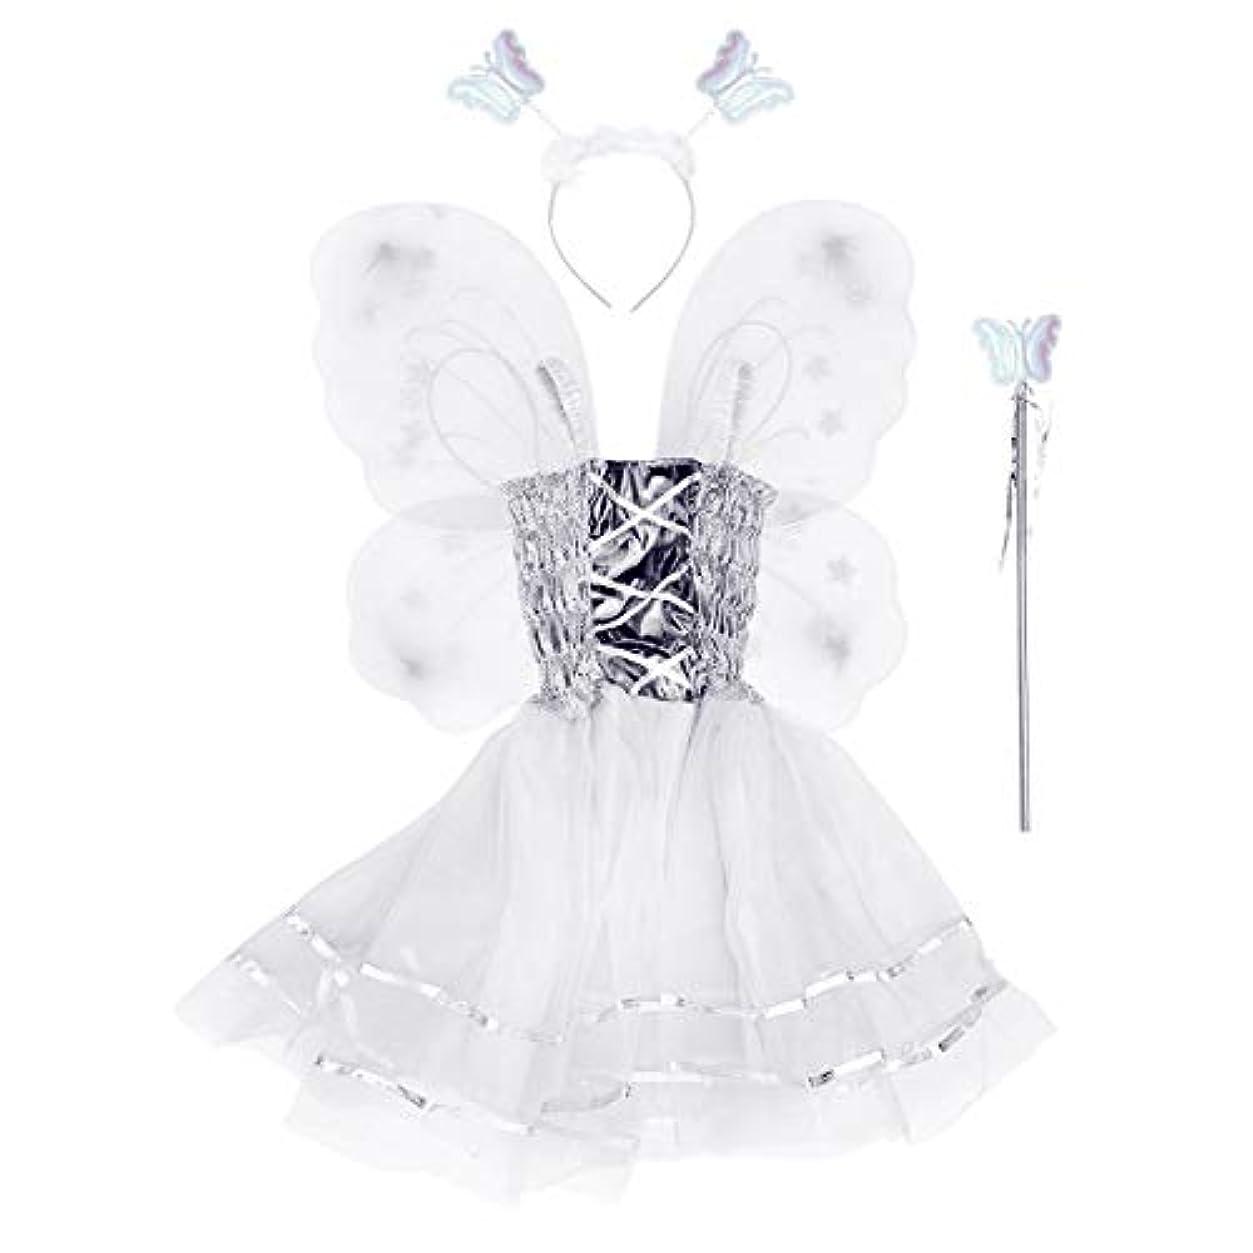 植生セール包括的BESTOYARD 4本の女の子バタフライプリンセス妖精のコスチュームセット蝶の羽、ワンド、ヘッドバンドとツツードレス(ホワイト)